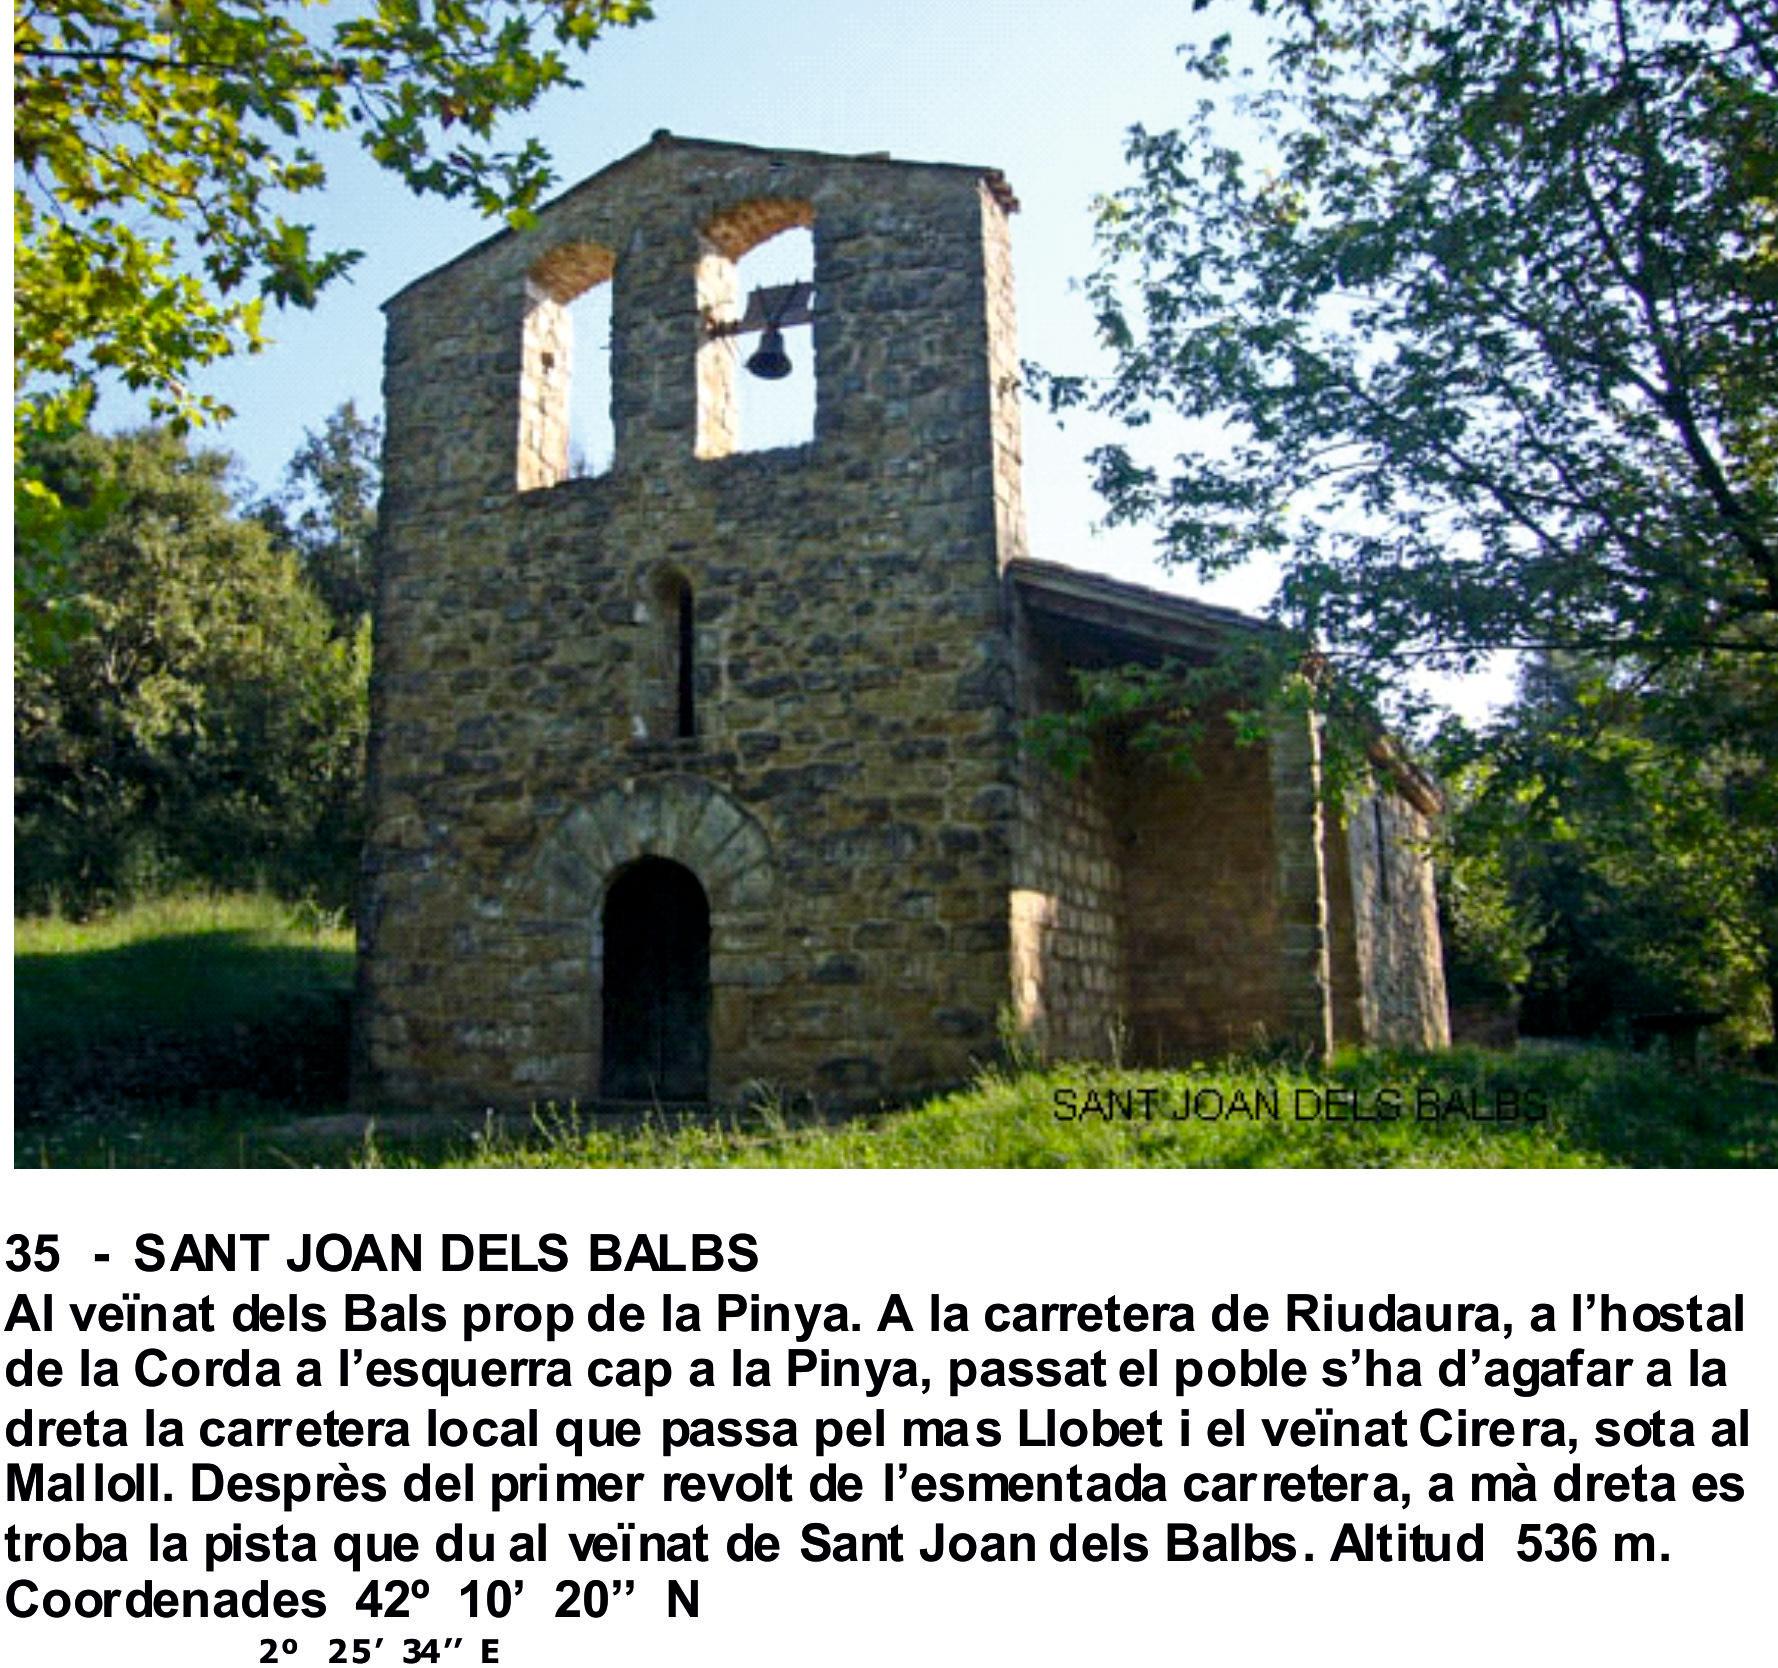 35  -  SANT JOAN DELS BALBS